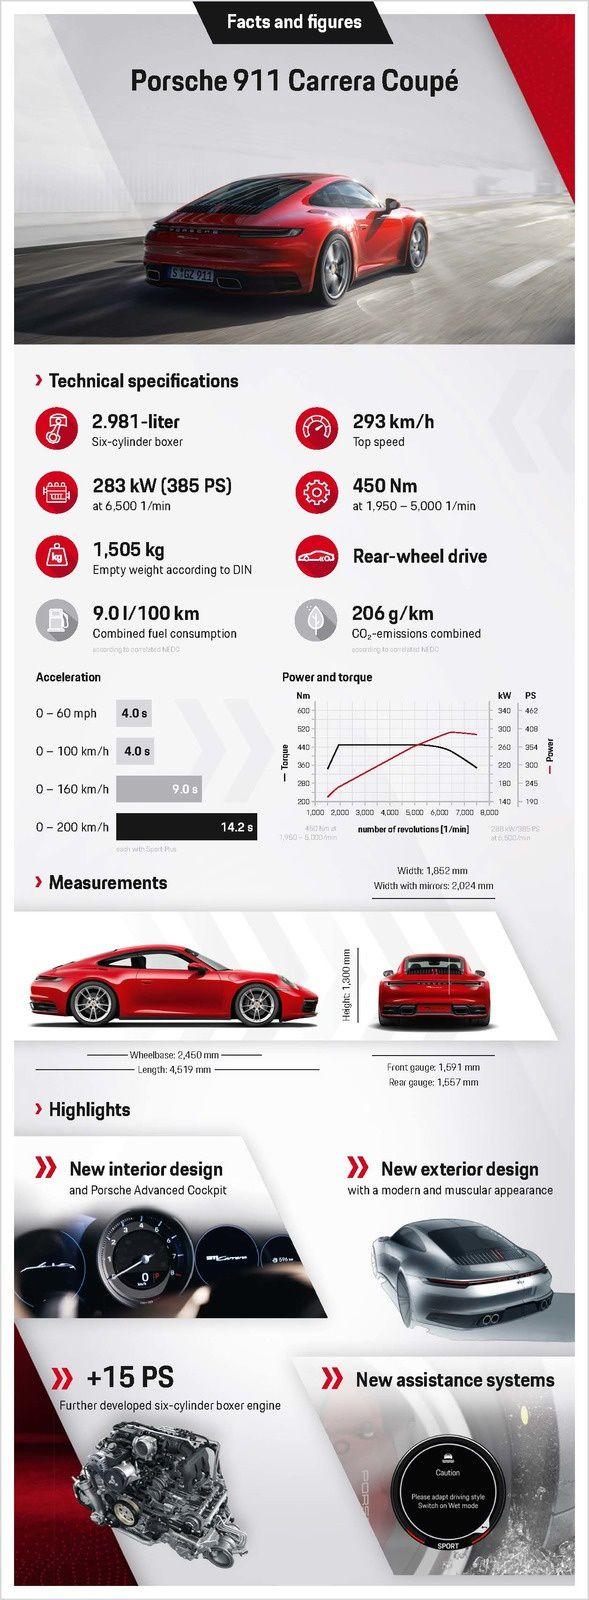 Porsche 911 Carrera : un peu moins onéreuse mais quand même vachement chère